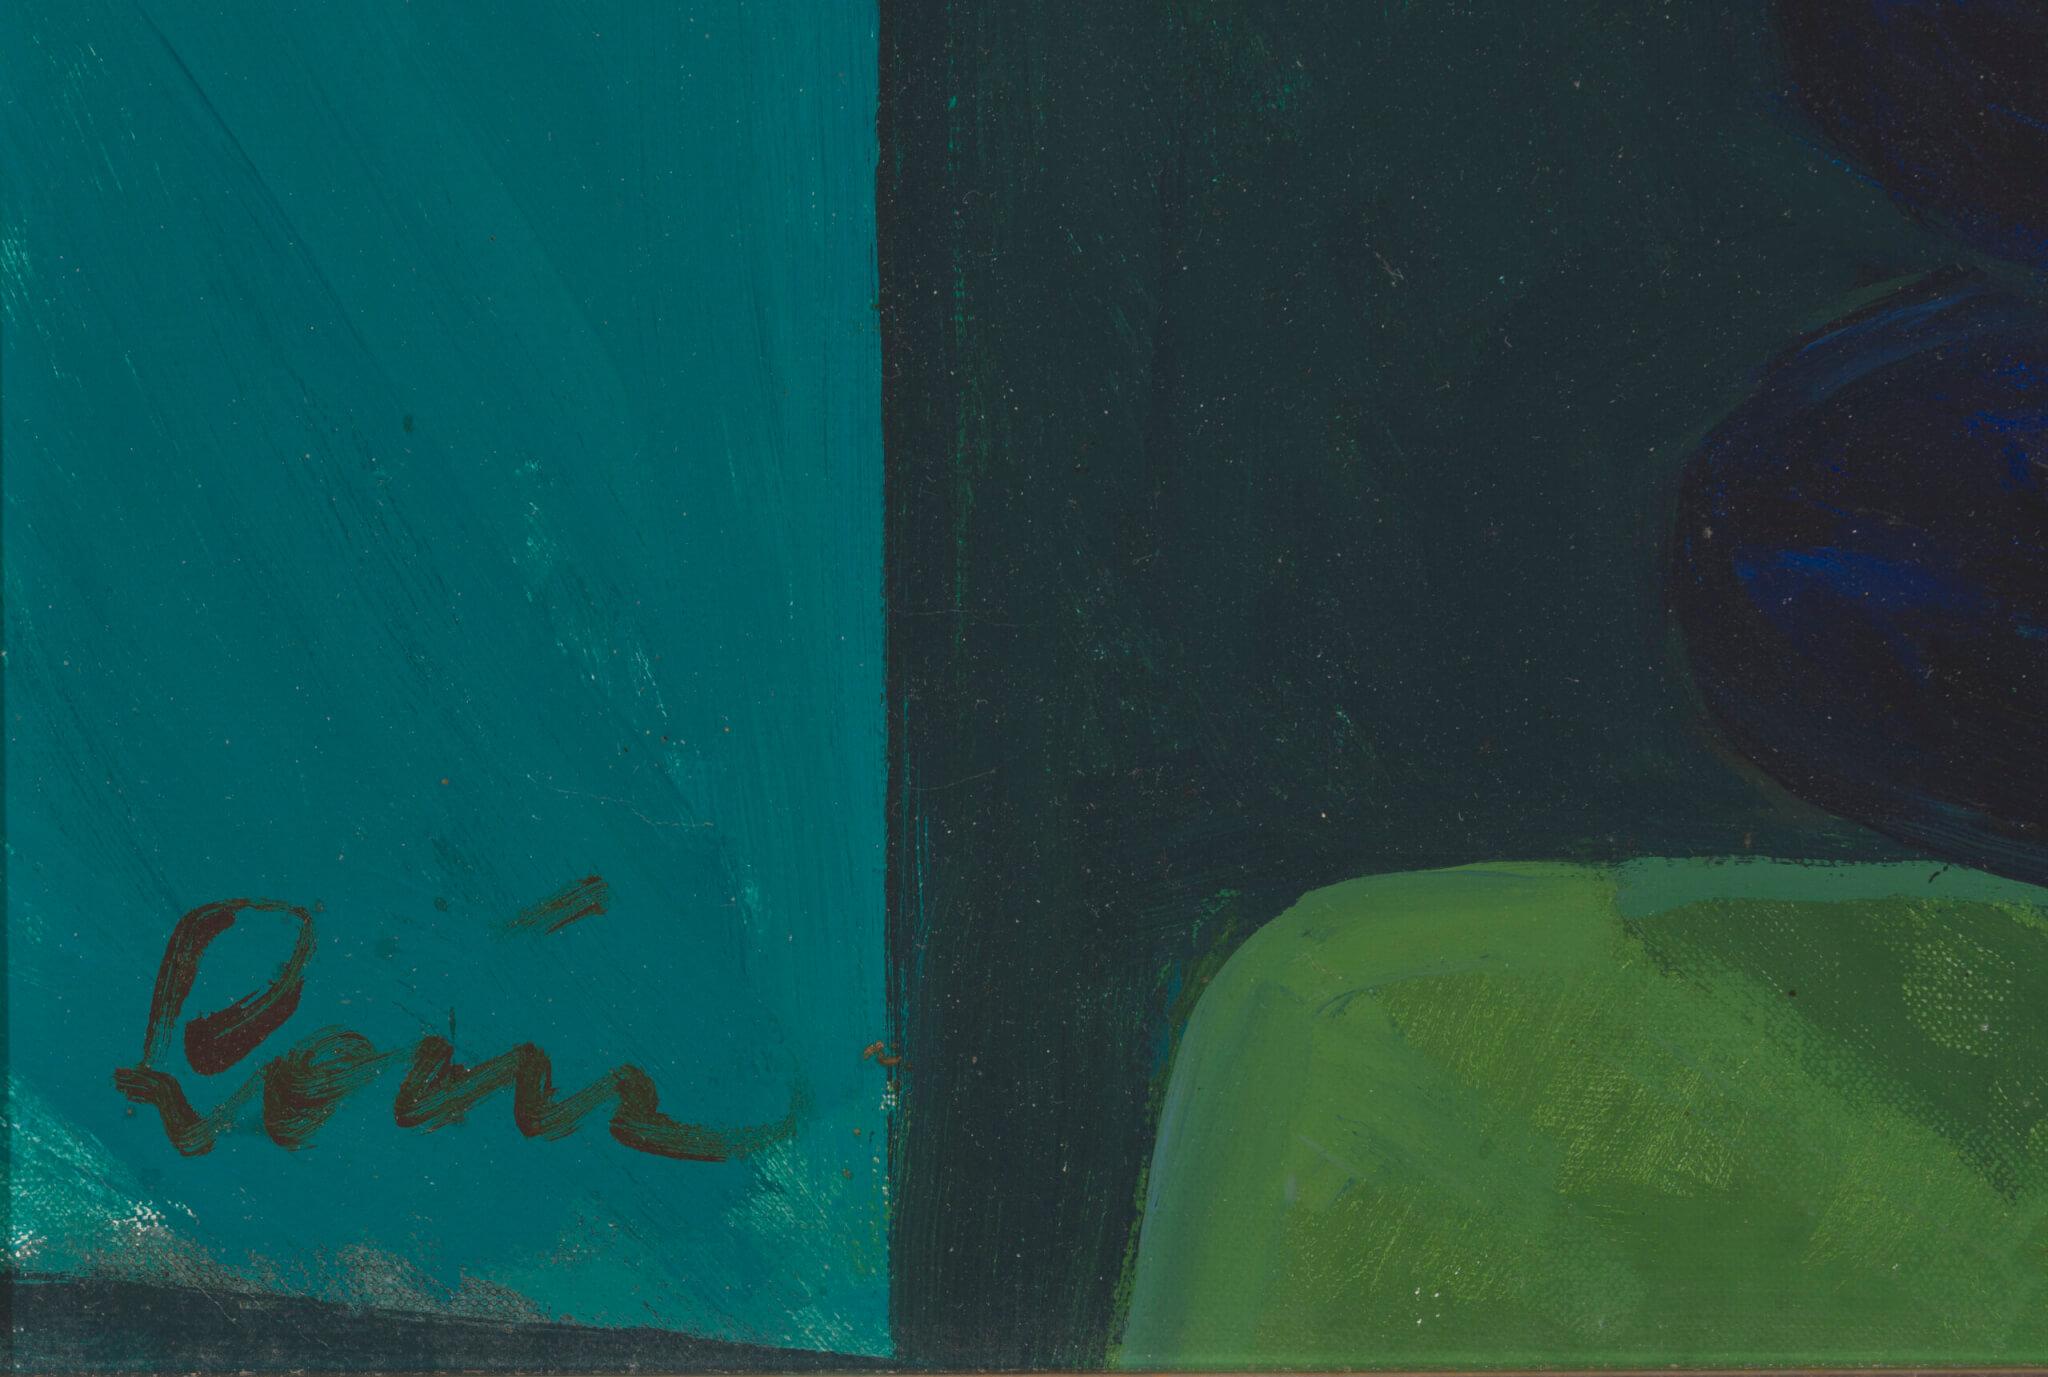 Valerian-Loik-Krüsanteemid-sinises-vaasis-Allee-kunstioksjon